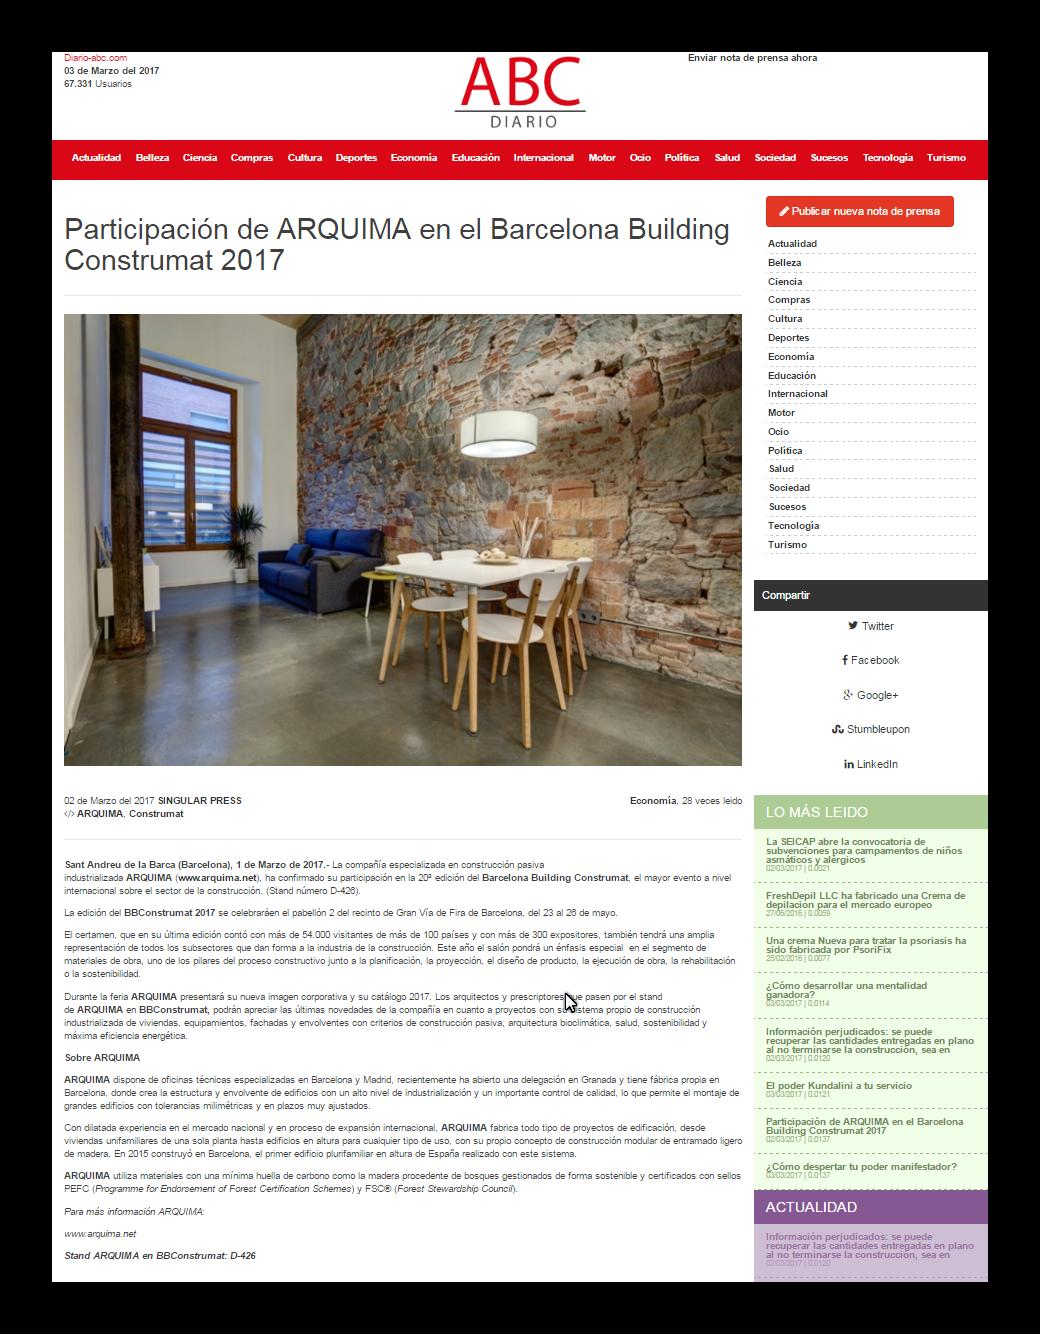 Participación de Arquima en Construmat 2017